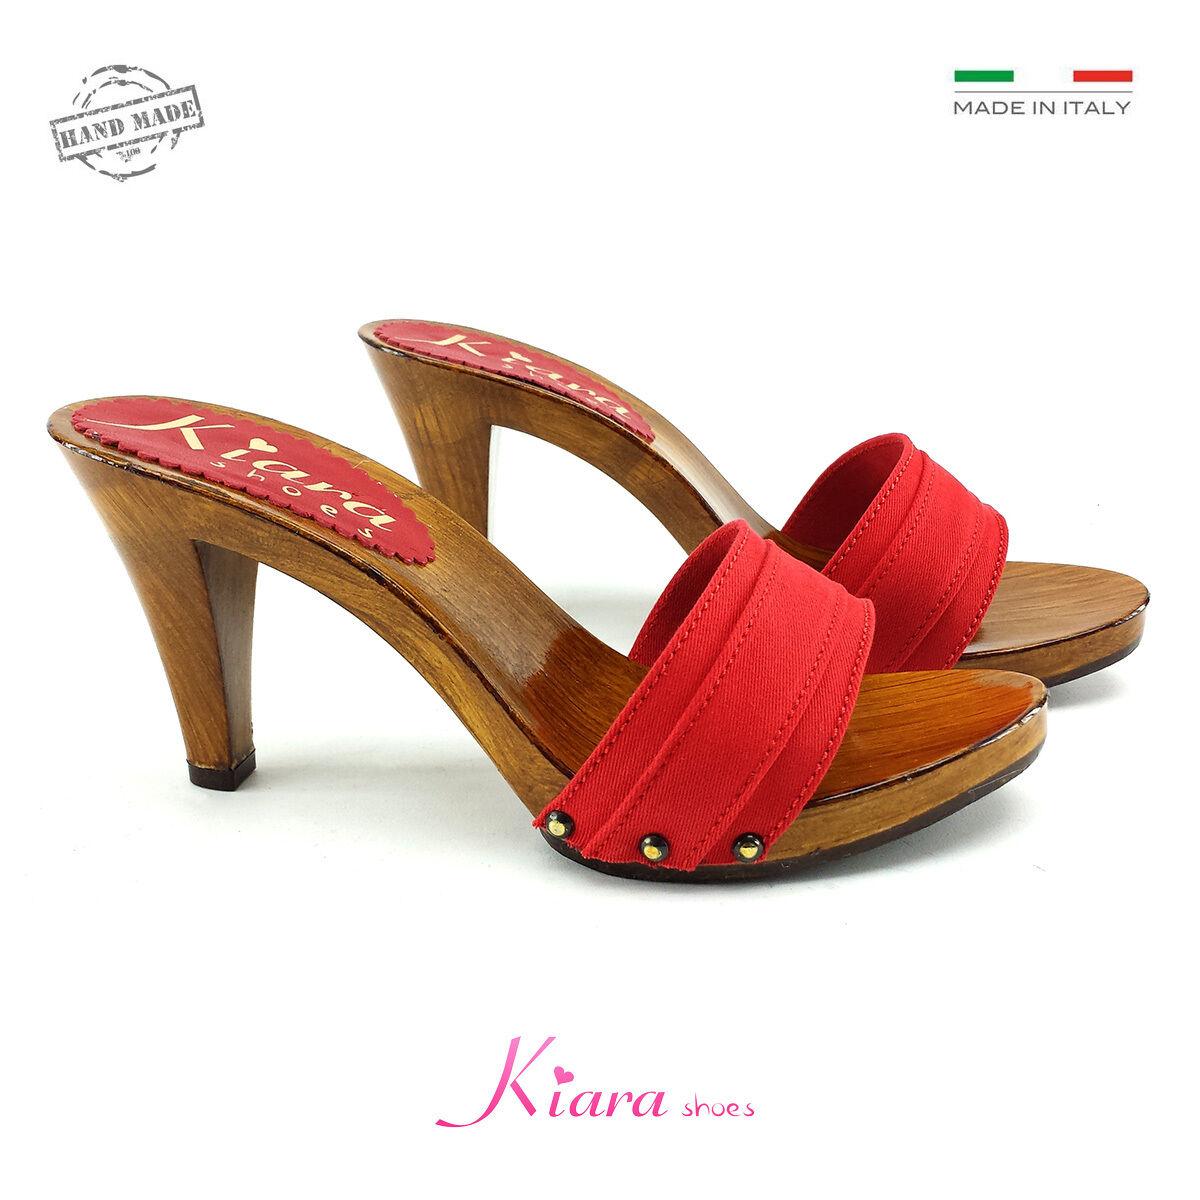 Zoccoli Rossi - Made in  35-al 35-al 35-al 42 - Tacco 9 cm K6101 red 6243a4